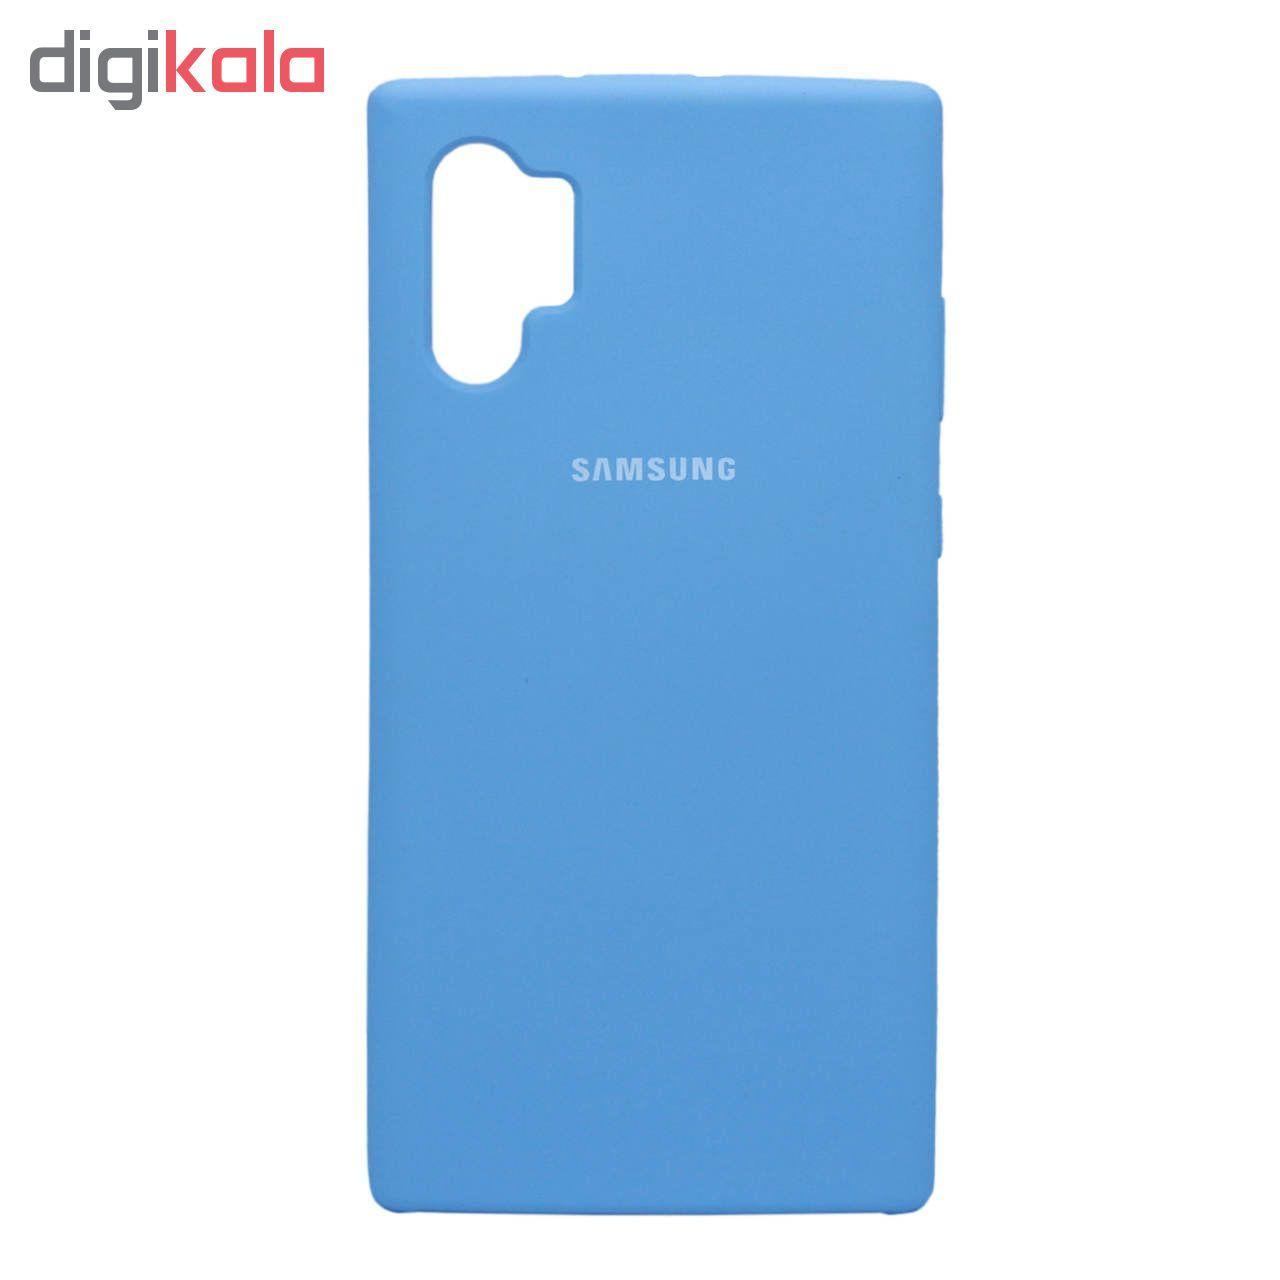 کاور مدل Sc-001 مناسب برای گوشی موبایل سامسونگ Galaxy Note 10 Plus main 1 1